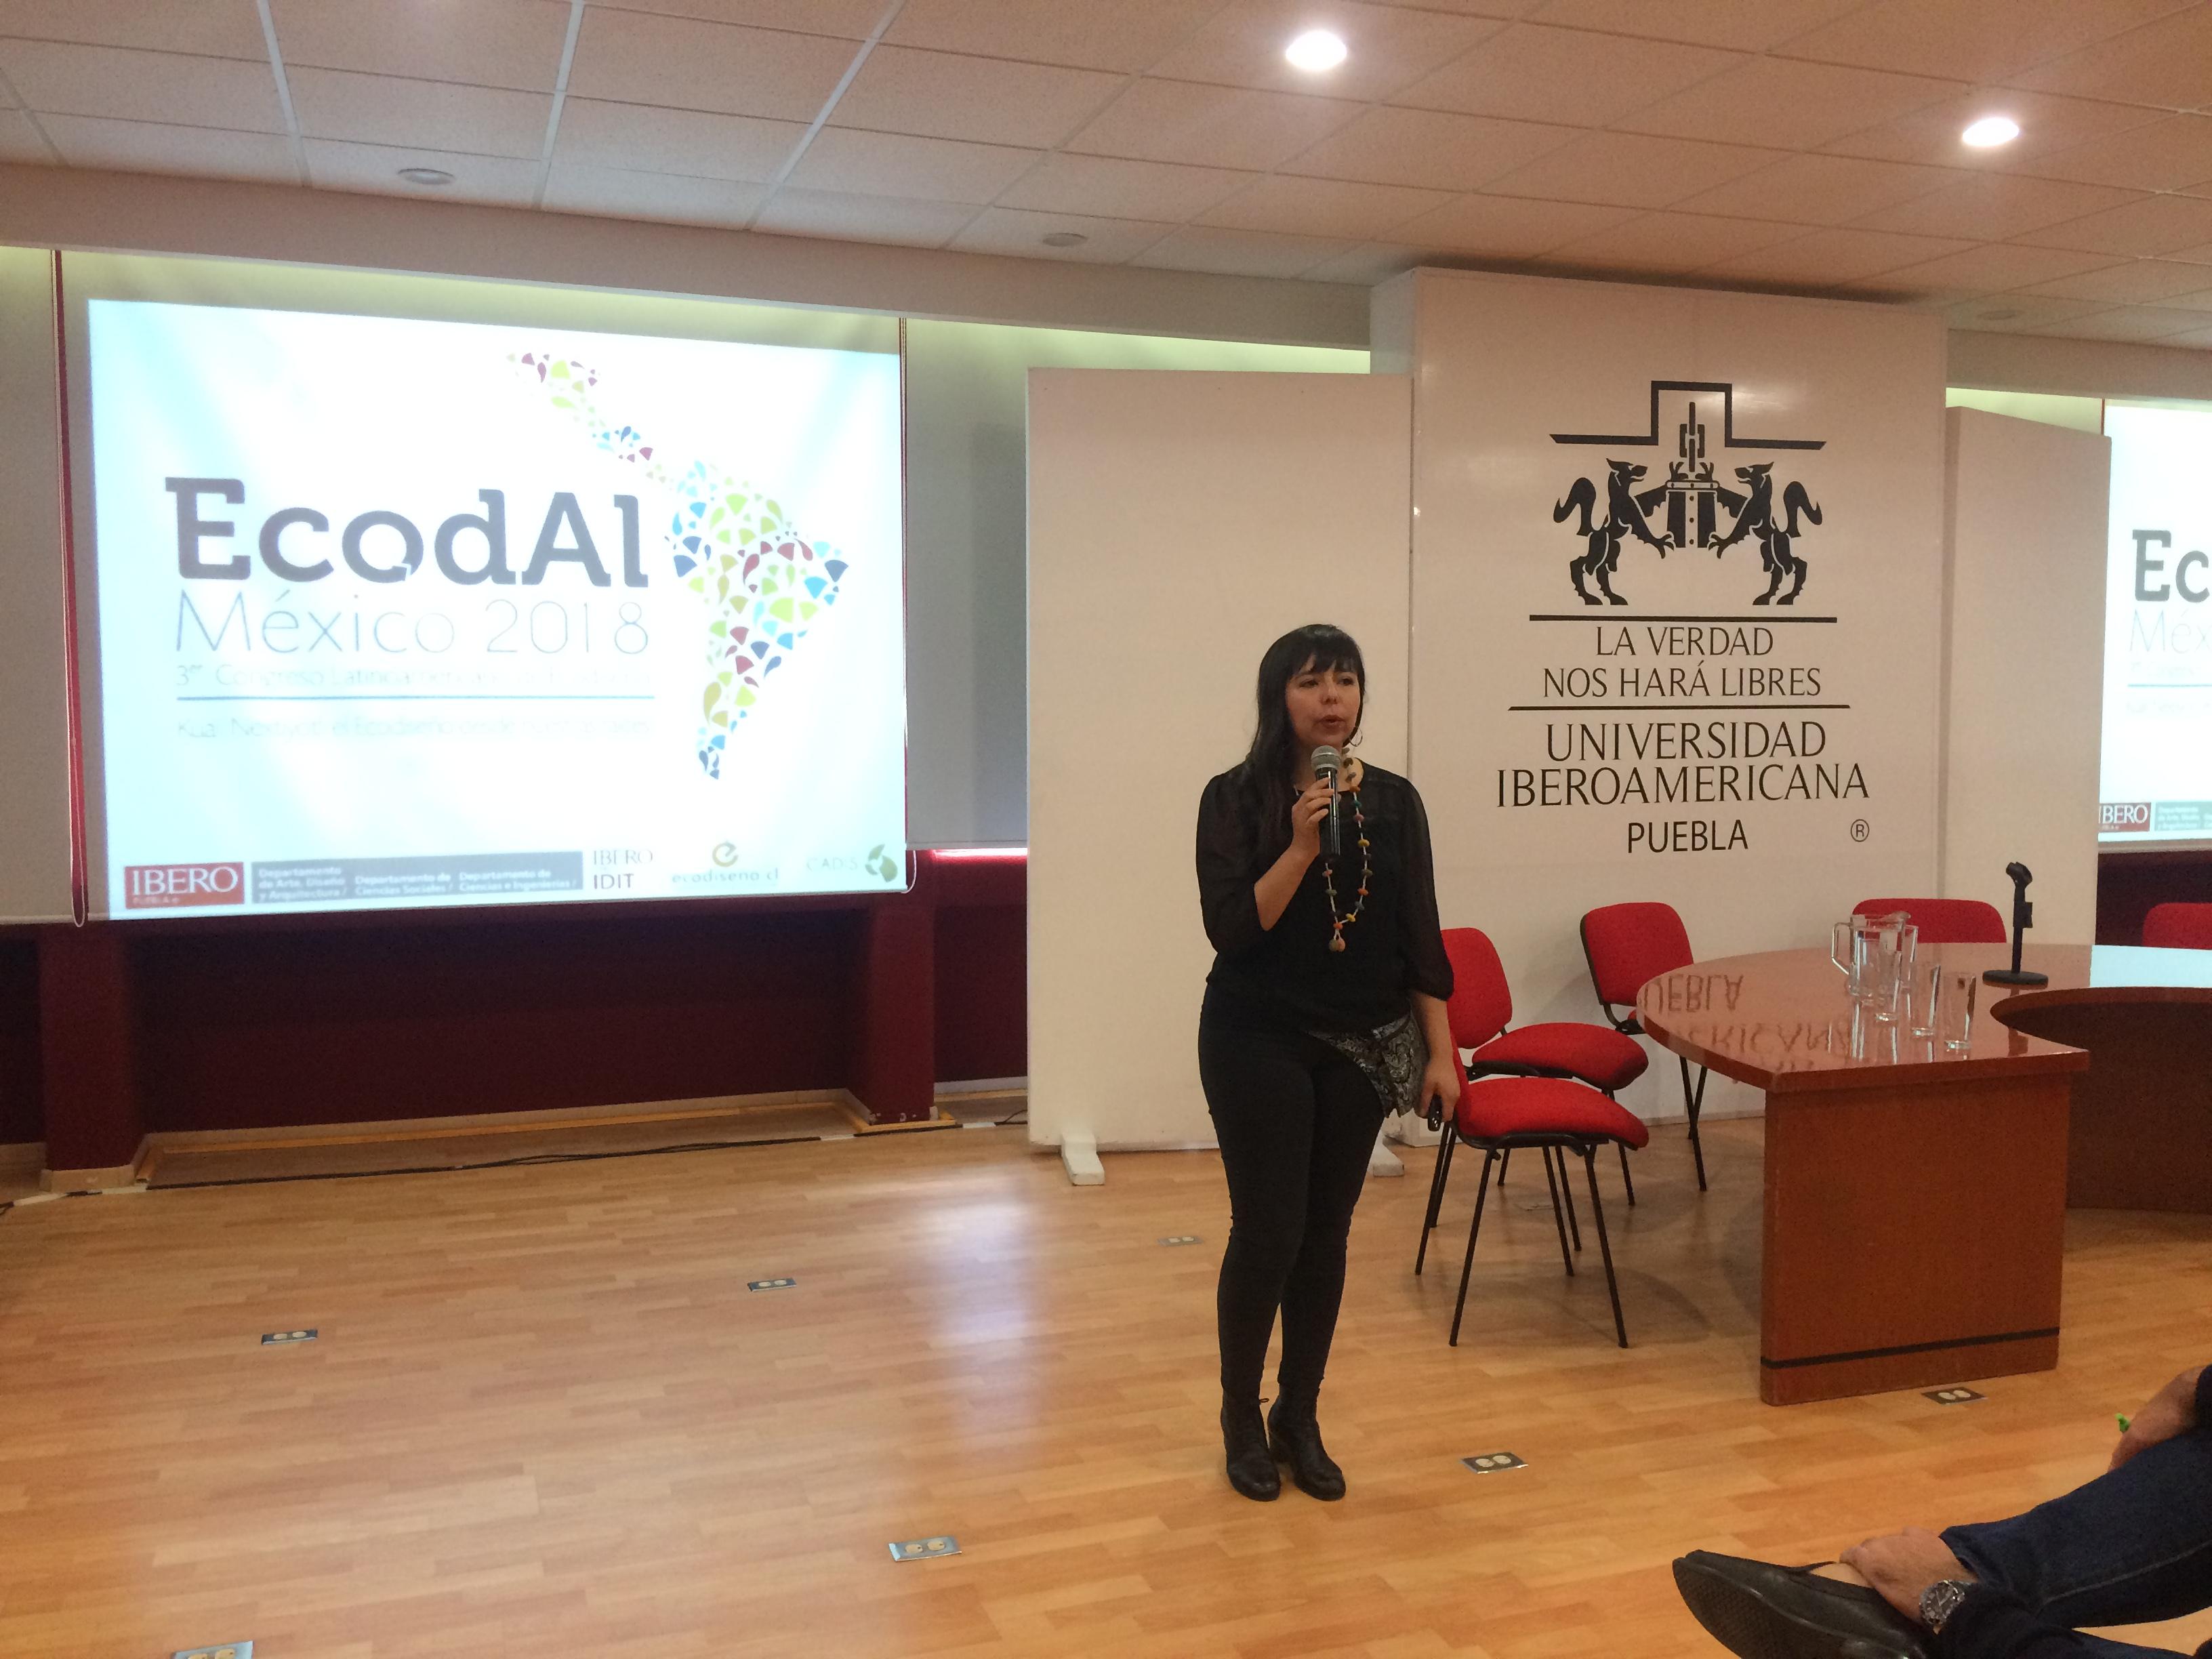 EcodAl México 2018